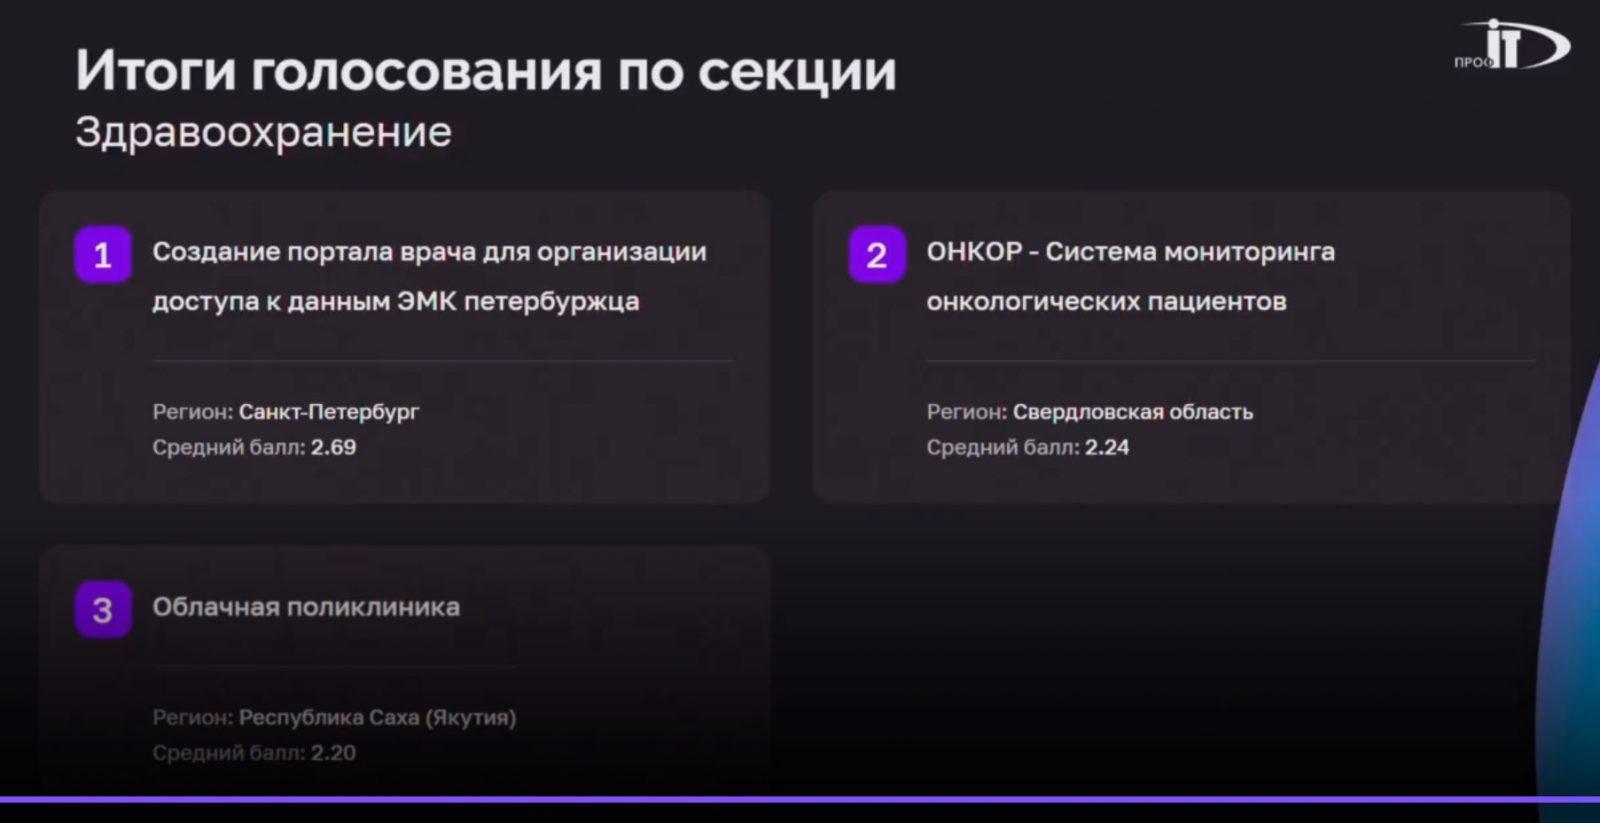 Санкт-Петербург победил в номинации «Здравоохранение» конкурса IT-проектов форума «ПРОФ-IT.2021»